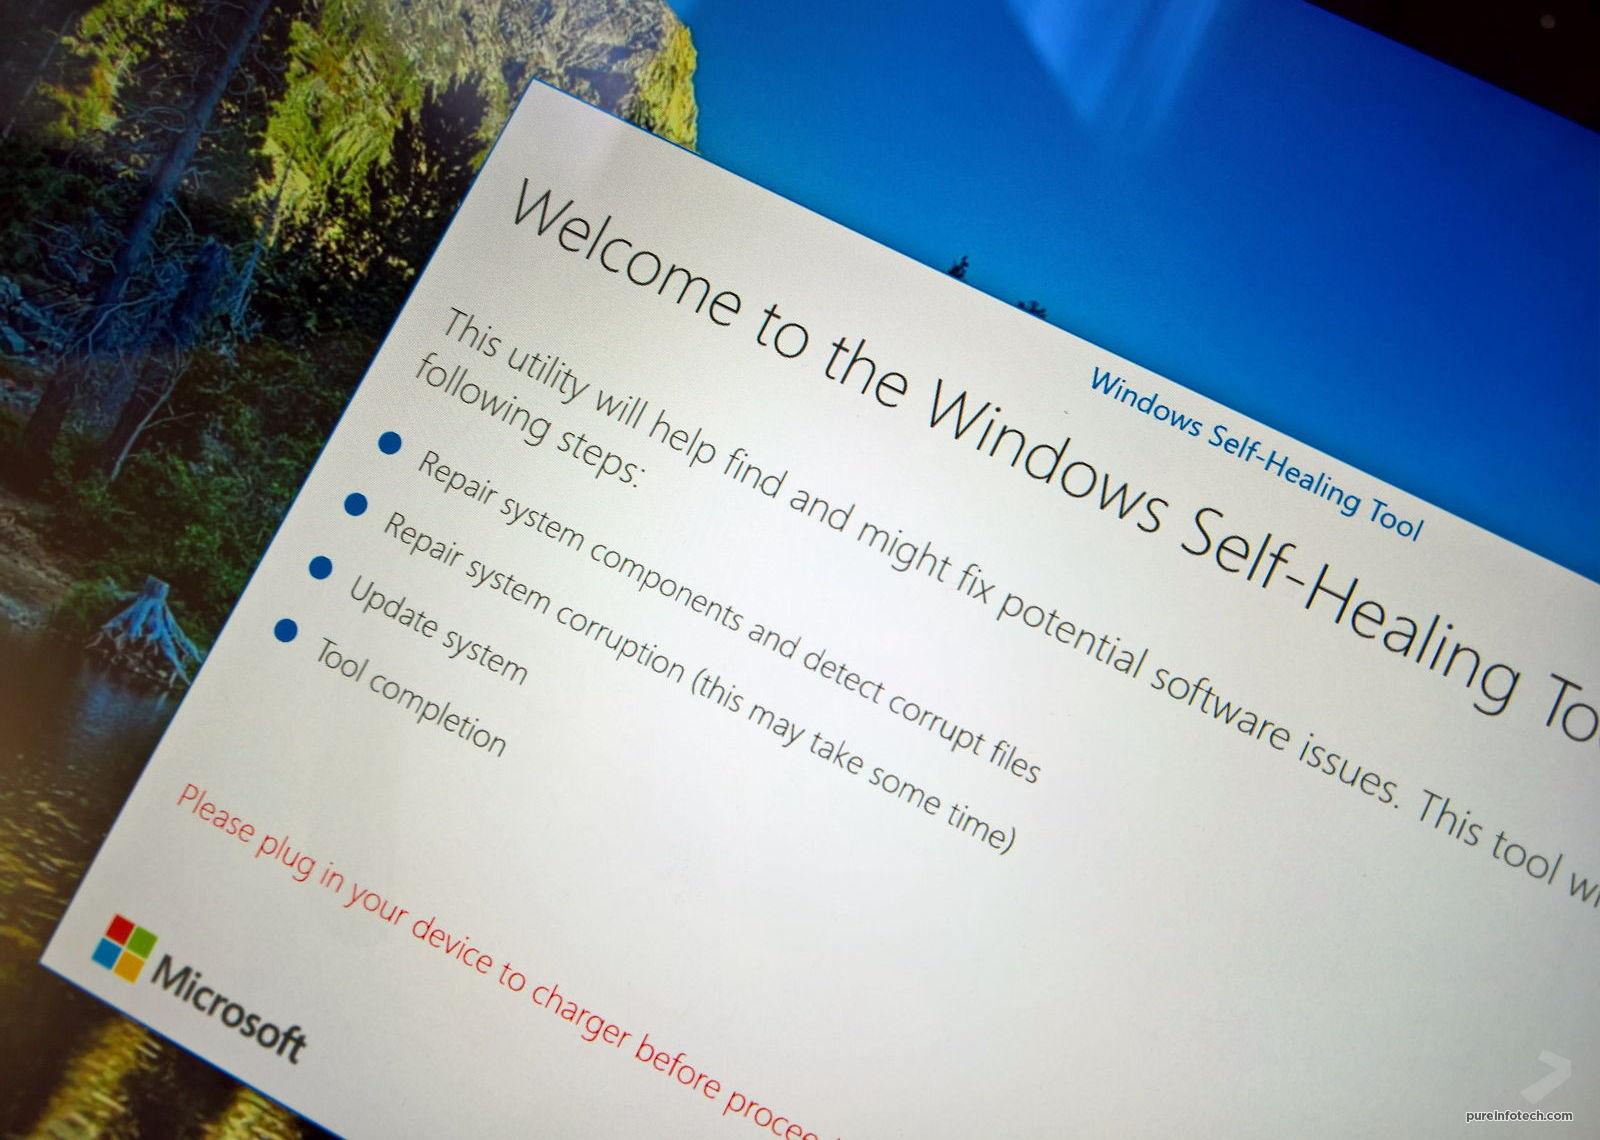 windows 10 self repair